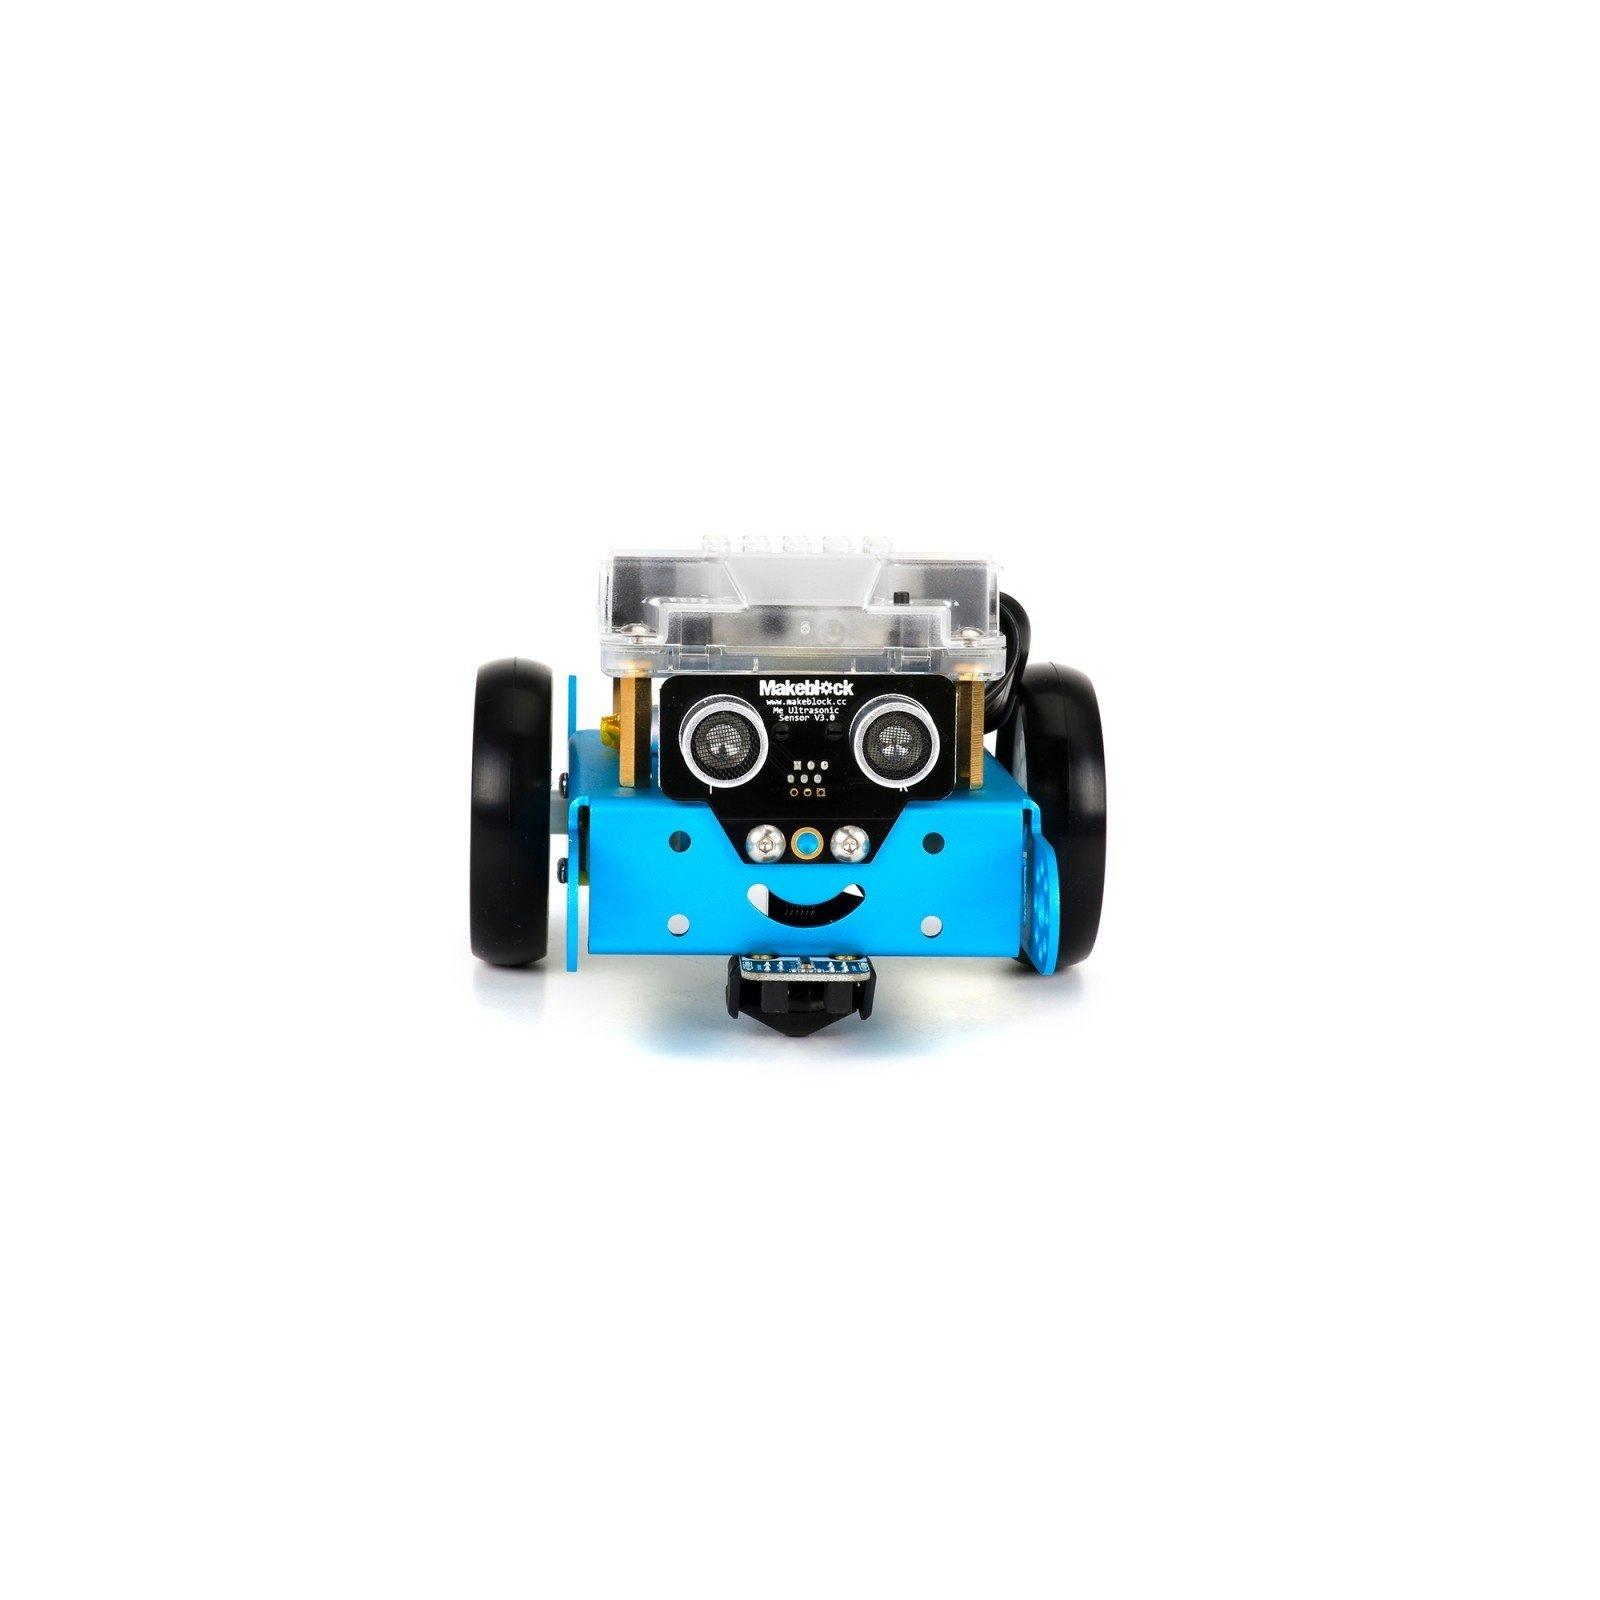 Робот Makeblock mBot v1.1 BT Blue (09.00.53) изображение 2